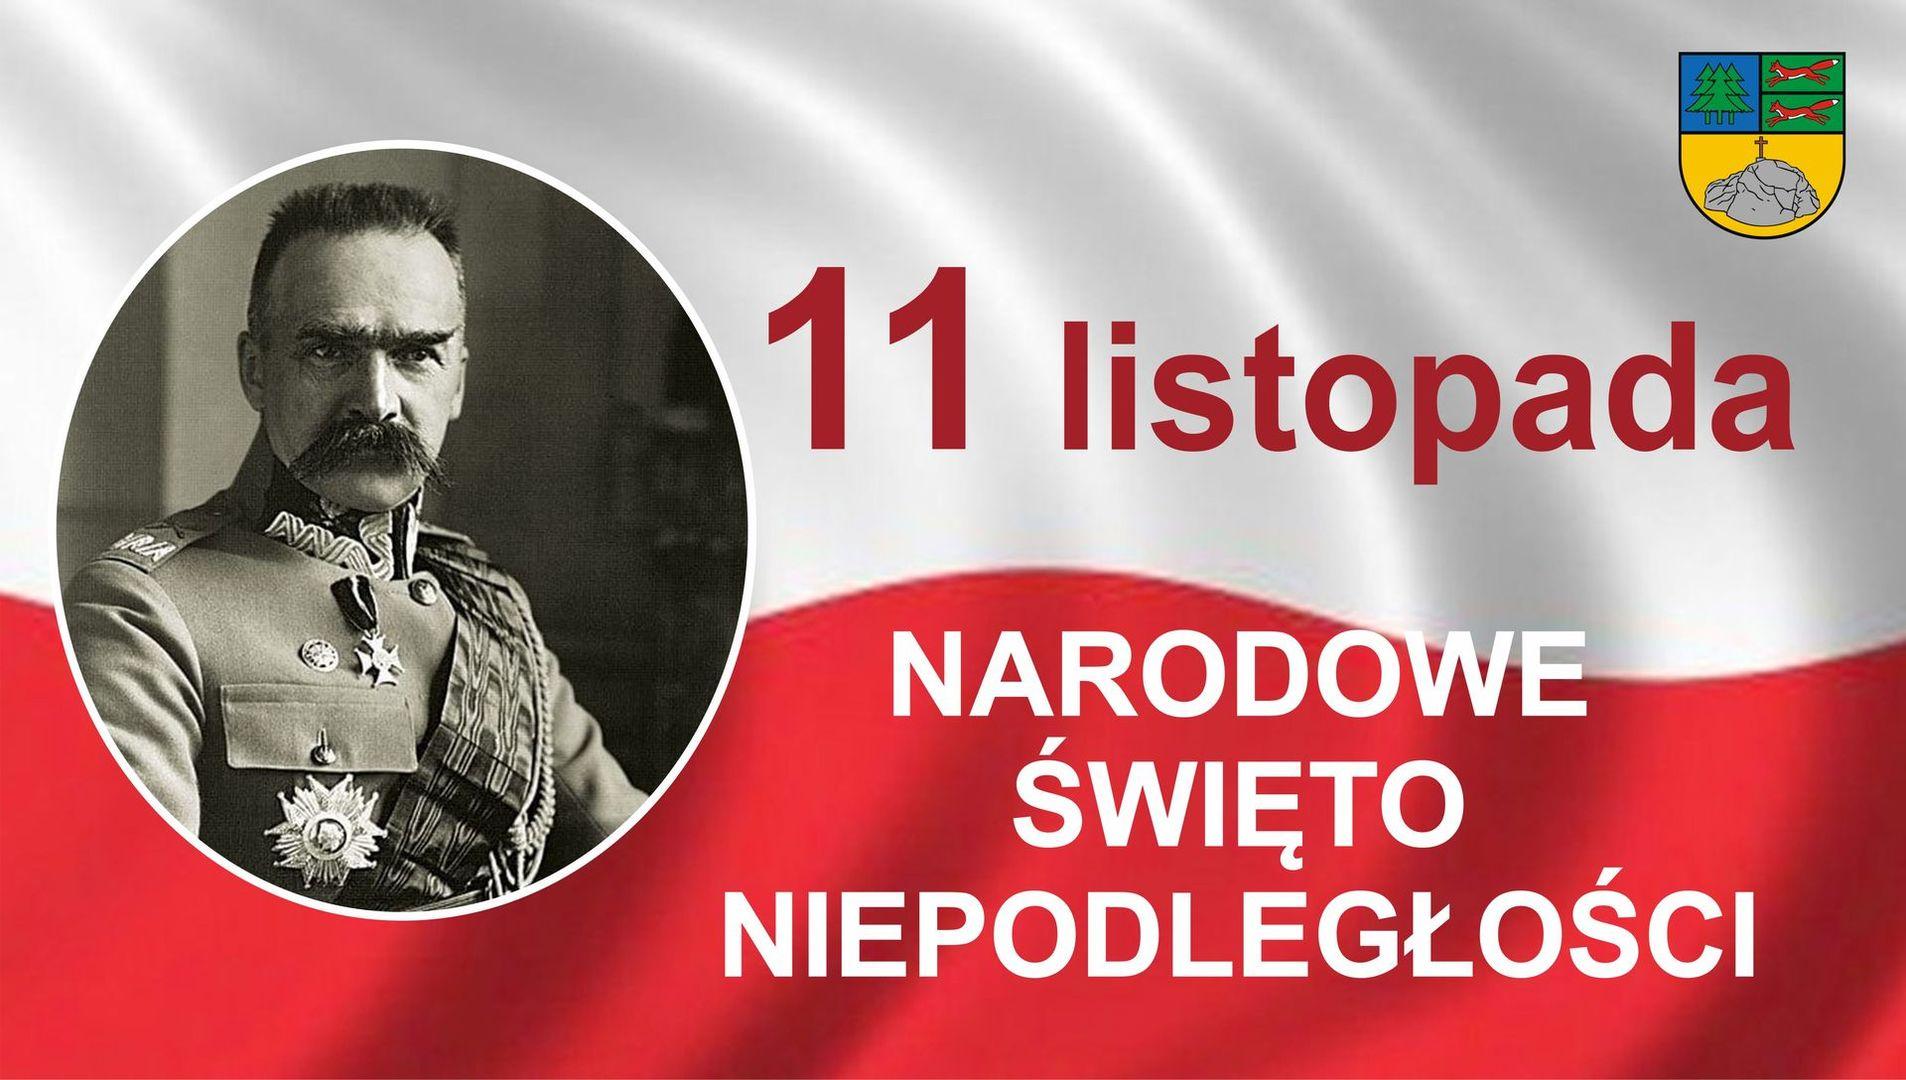 11 listopada Narodowe Święto Niepodległości. Na zdjęciu biało czerwona flaga oraz Józef Piłsudski